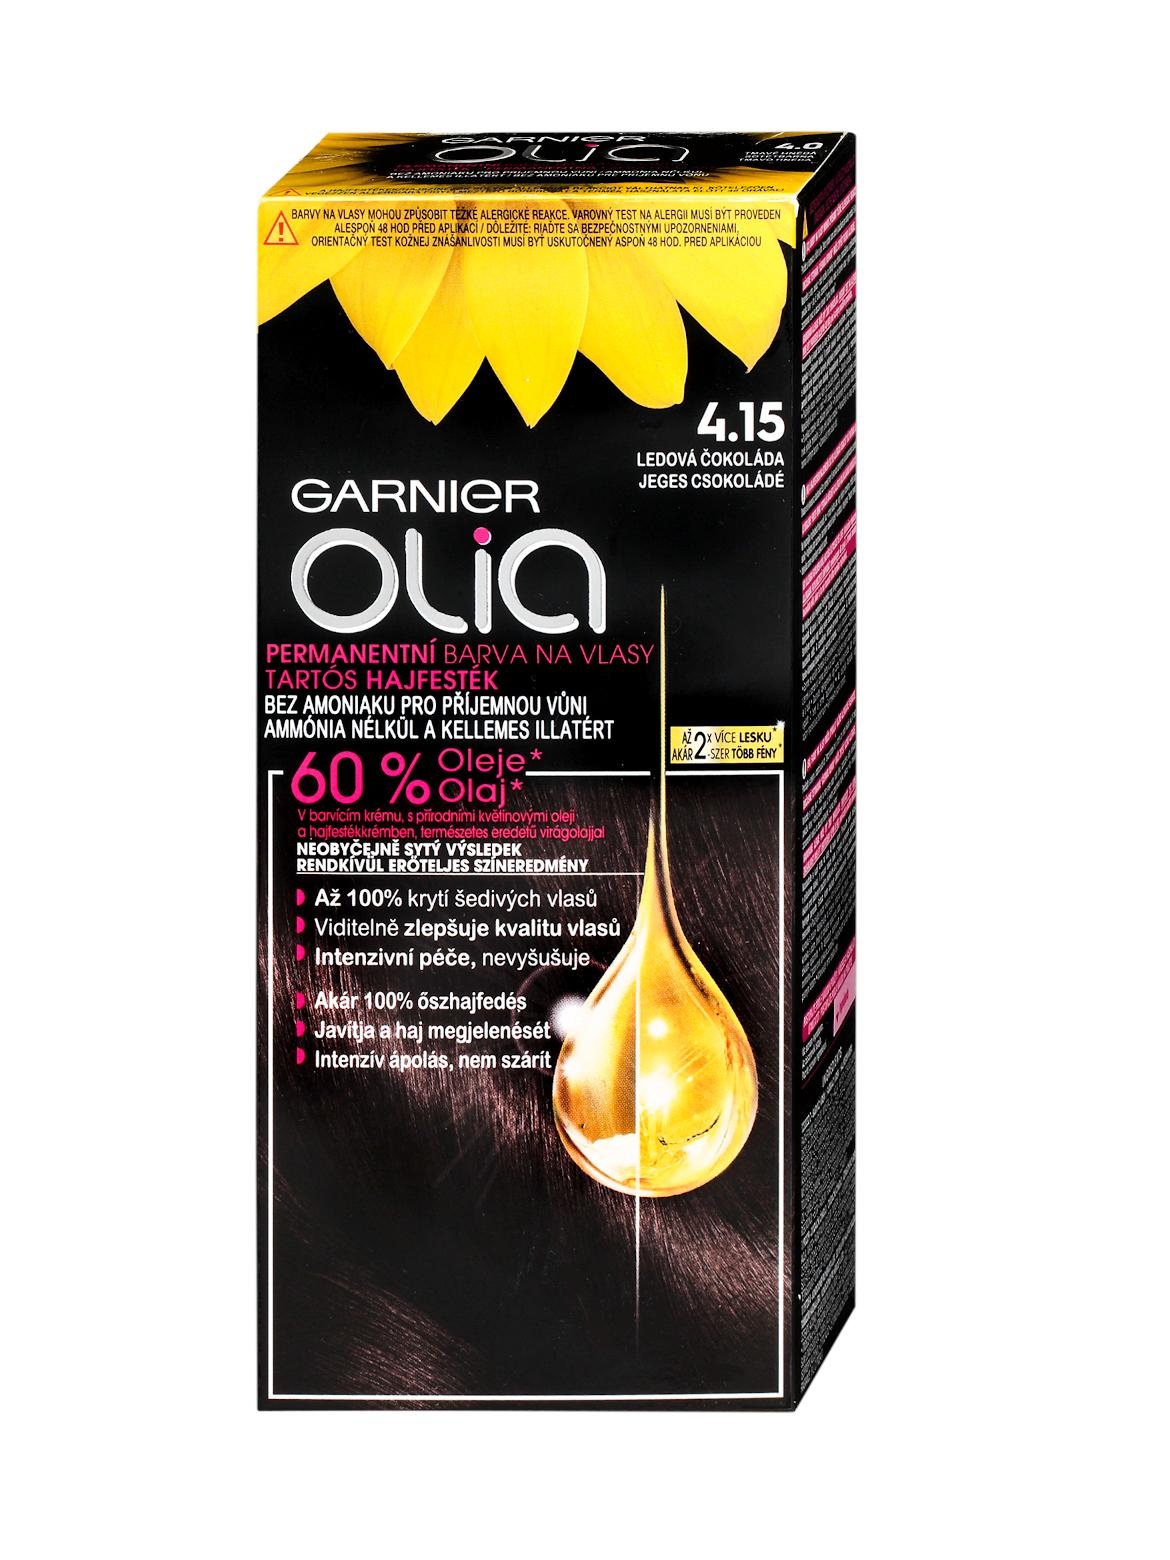 Permanentní olejová barva Garnier Olia 4.15 ledová čokoláda + DÁREK ZDARMA